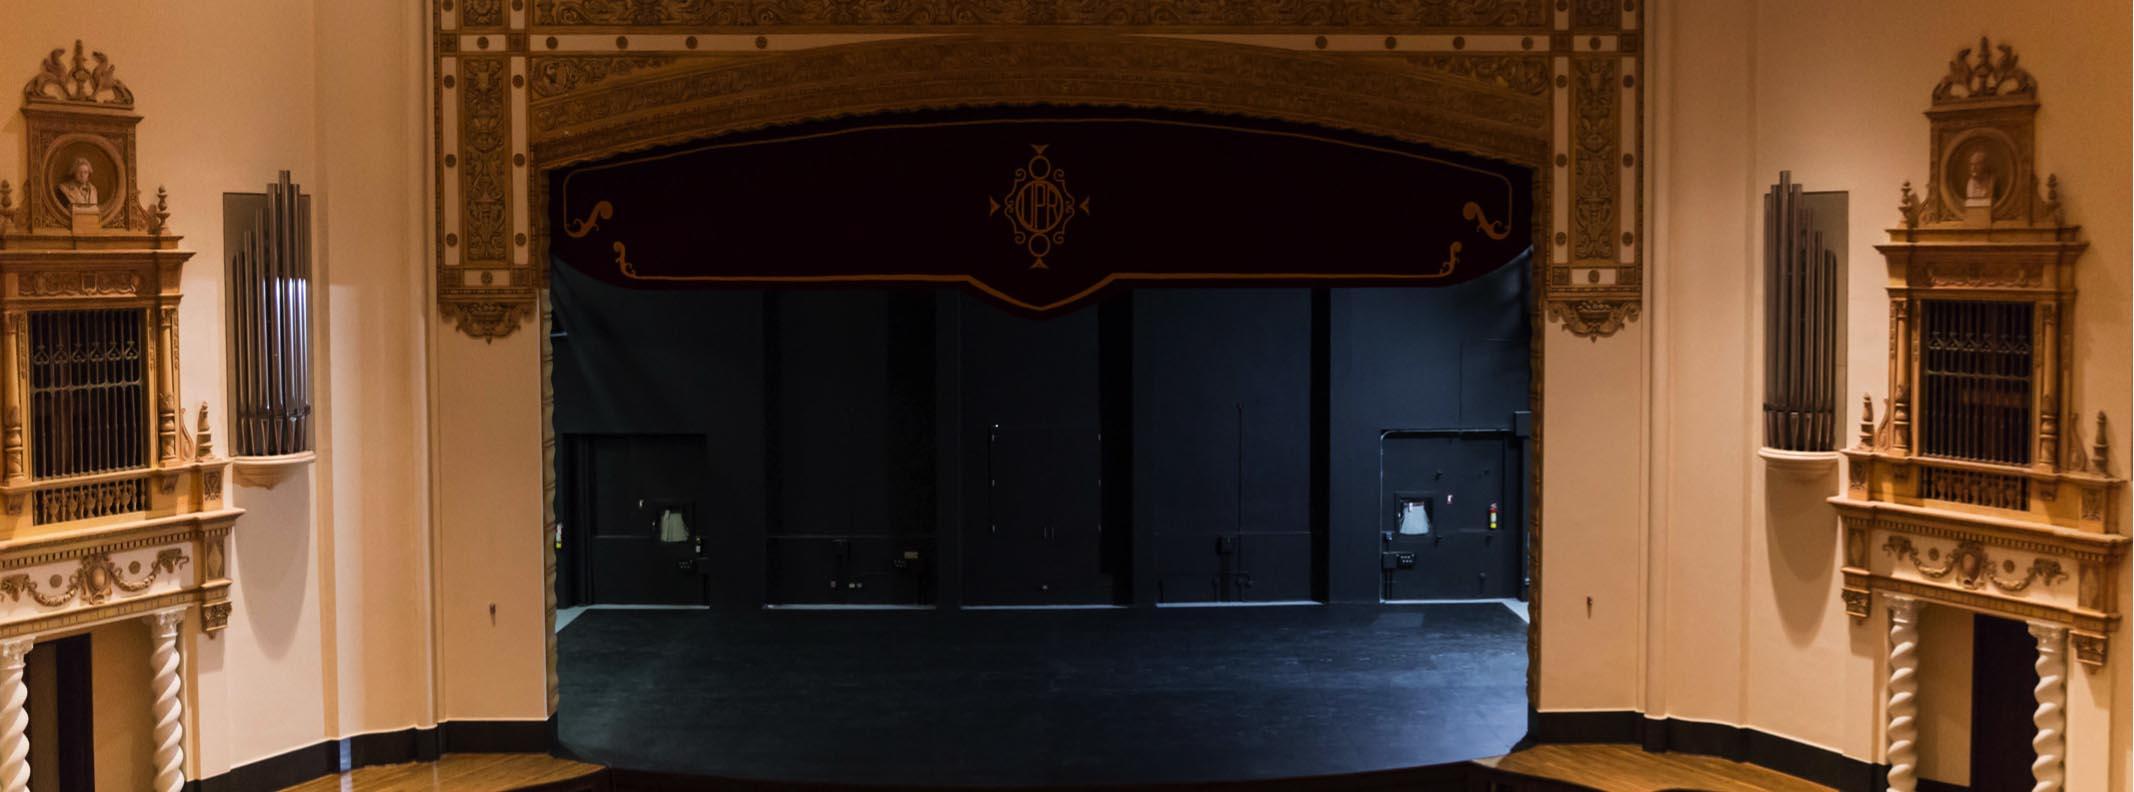 Escenario del teatro de la upr